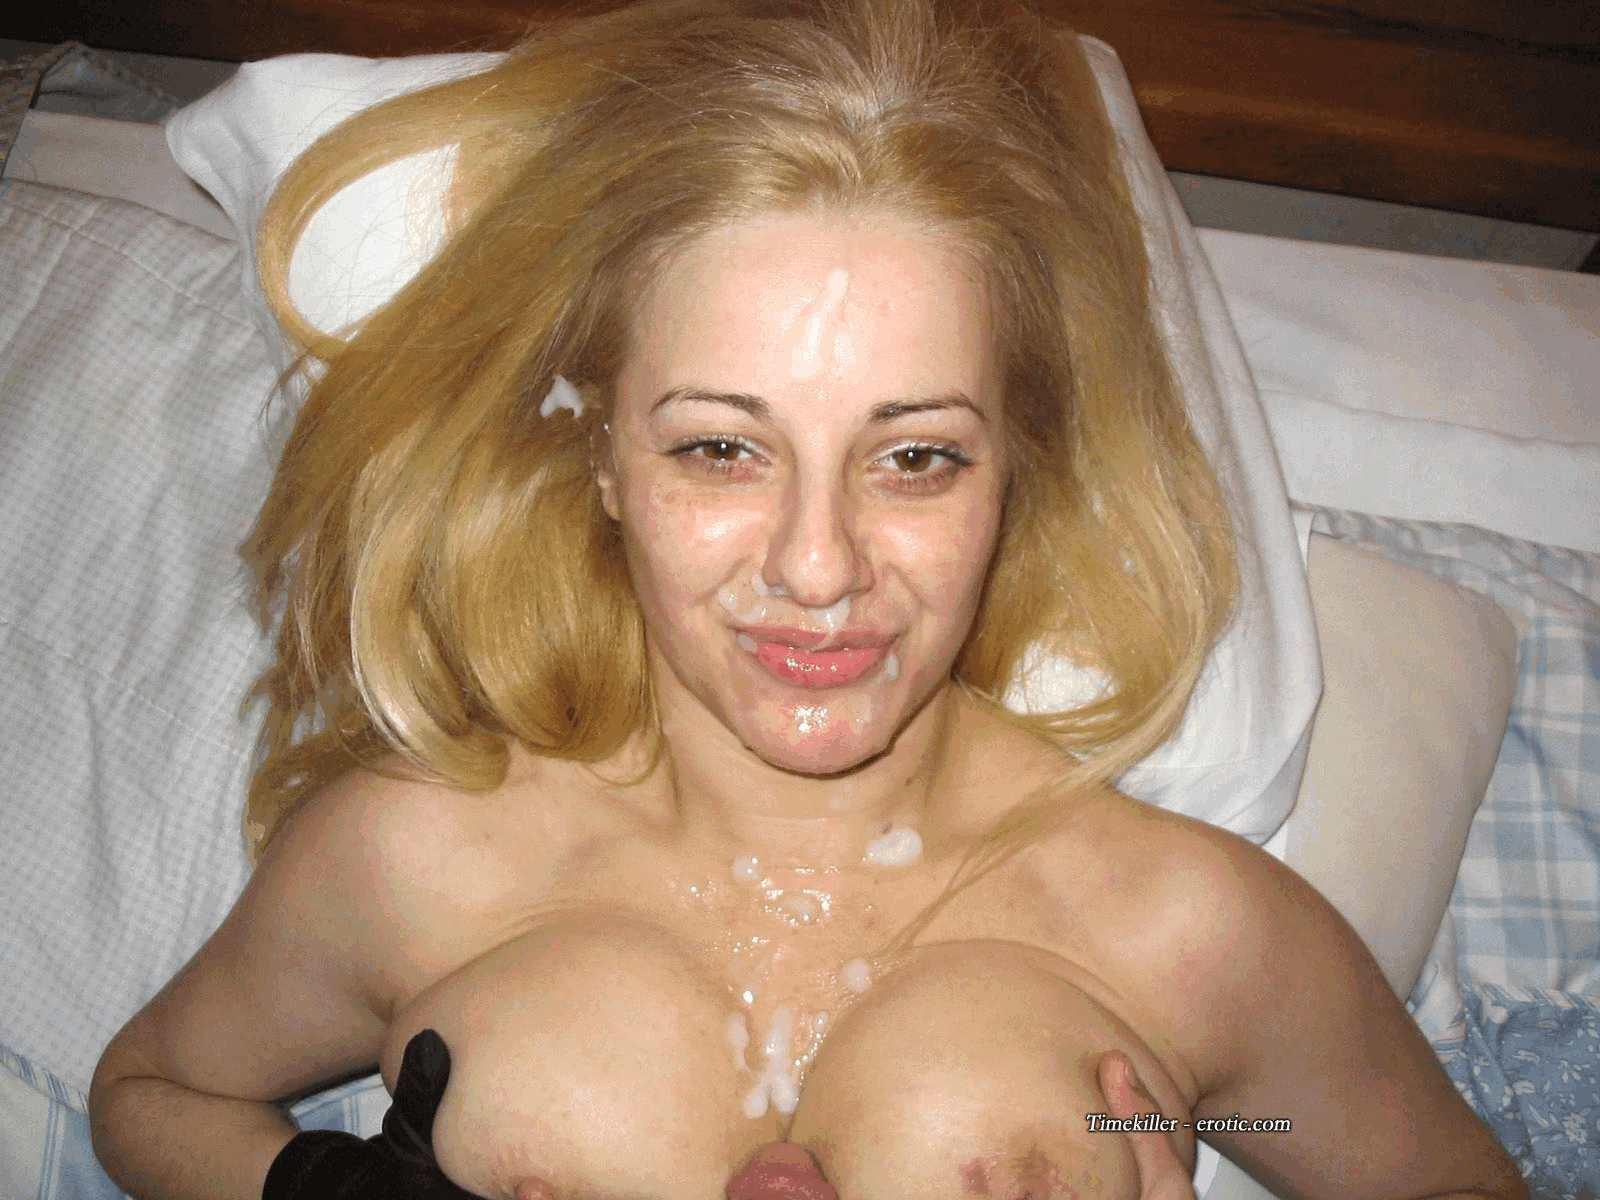 Сперме на теле порно фото 29 фотография